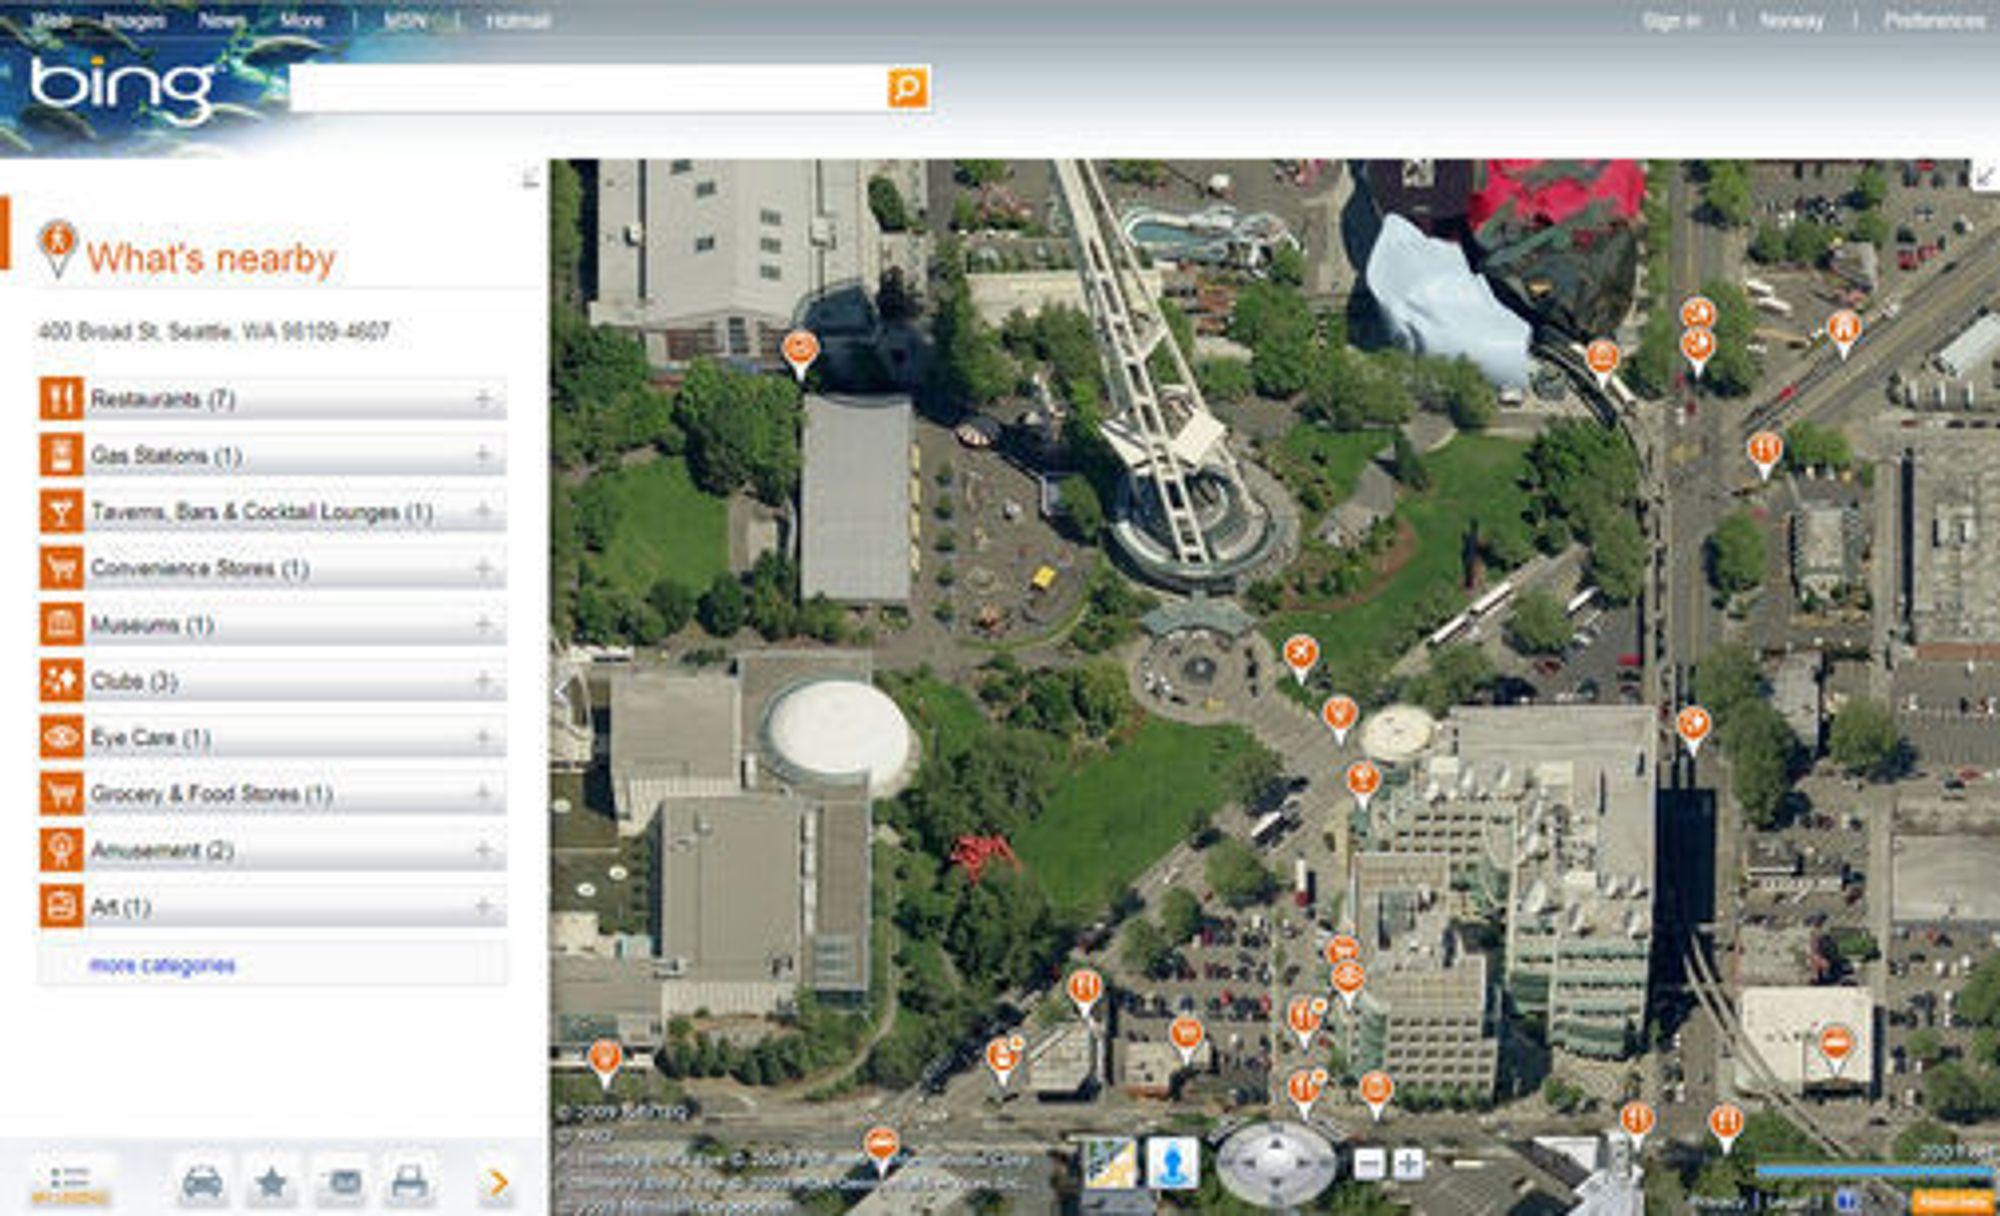 Microsofts Bing Maps Beta. Bildet er fra Seattle, rett i nærheten av Space Needle. Her er «What's nearby»-applikasjonen aktivert.